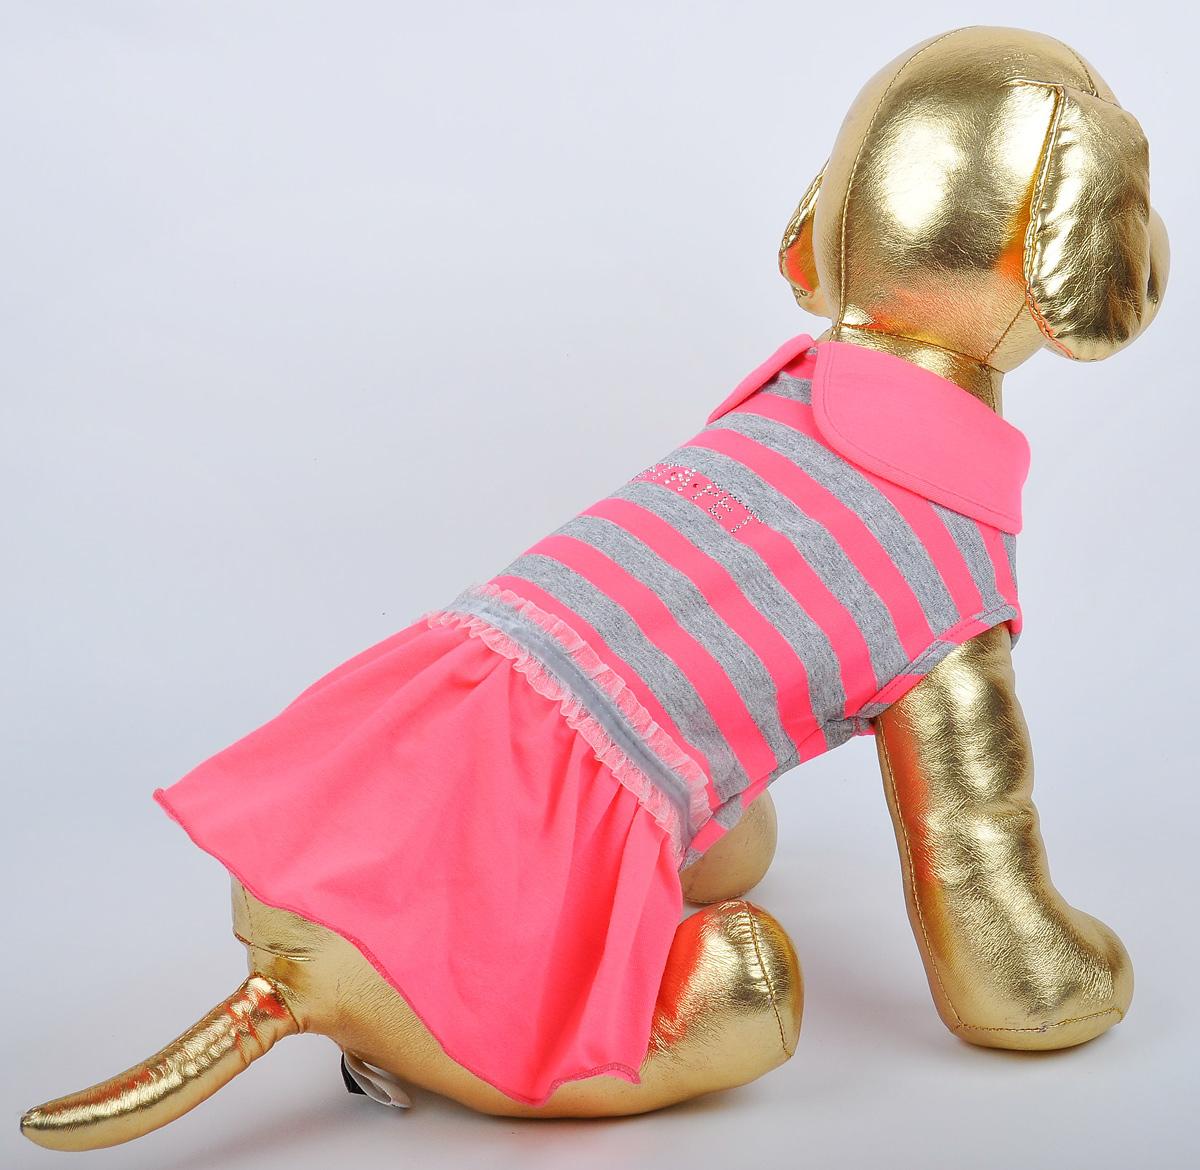 Платье для собак GLG Фэшн Ультра. Размер XSMOS-005-PINK-SПлатье для собак GLG Фэшн Ультра выполнено из вискозы. Рукава не ограничивают свободу движений, и собачка будет чувствовать себя в нем комфортно. Изделие застегивается с помощью кнопок..Модное и невероятно удобное платье защитит вашего питомца от пыли и насекомых на улице, согреет дома или на даче. Длина спины: 19-21 см Обхват груди: 26-28 см.